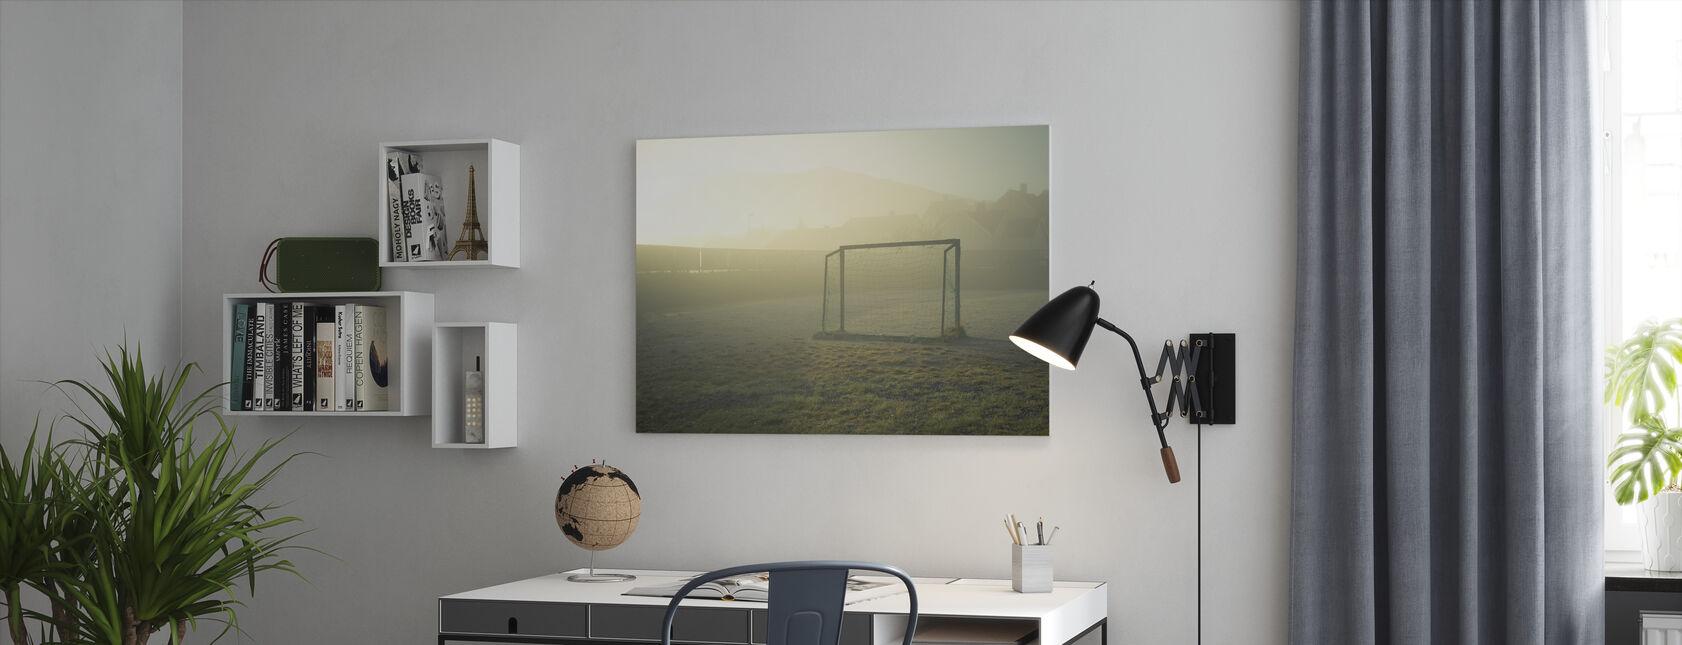 Jalkapallokenttä auringonvalossa - Canvastaulu - Toimisto